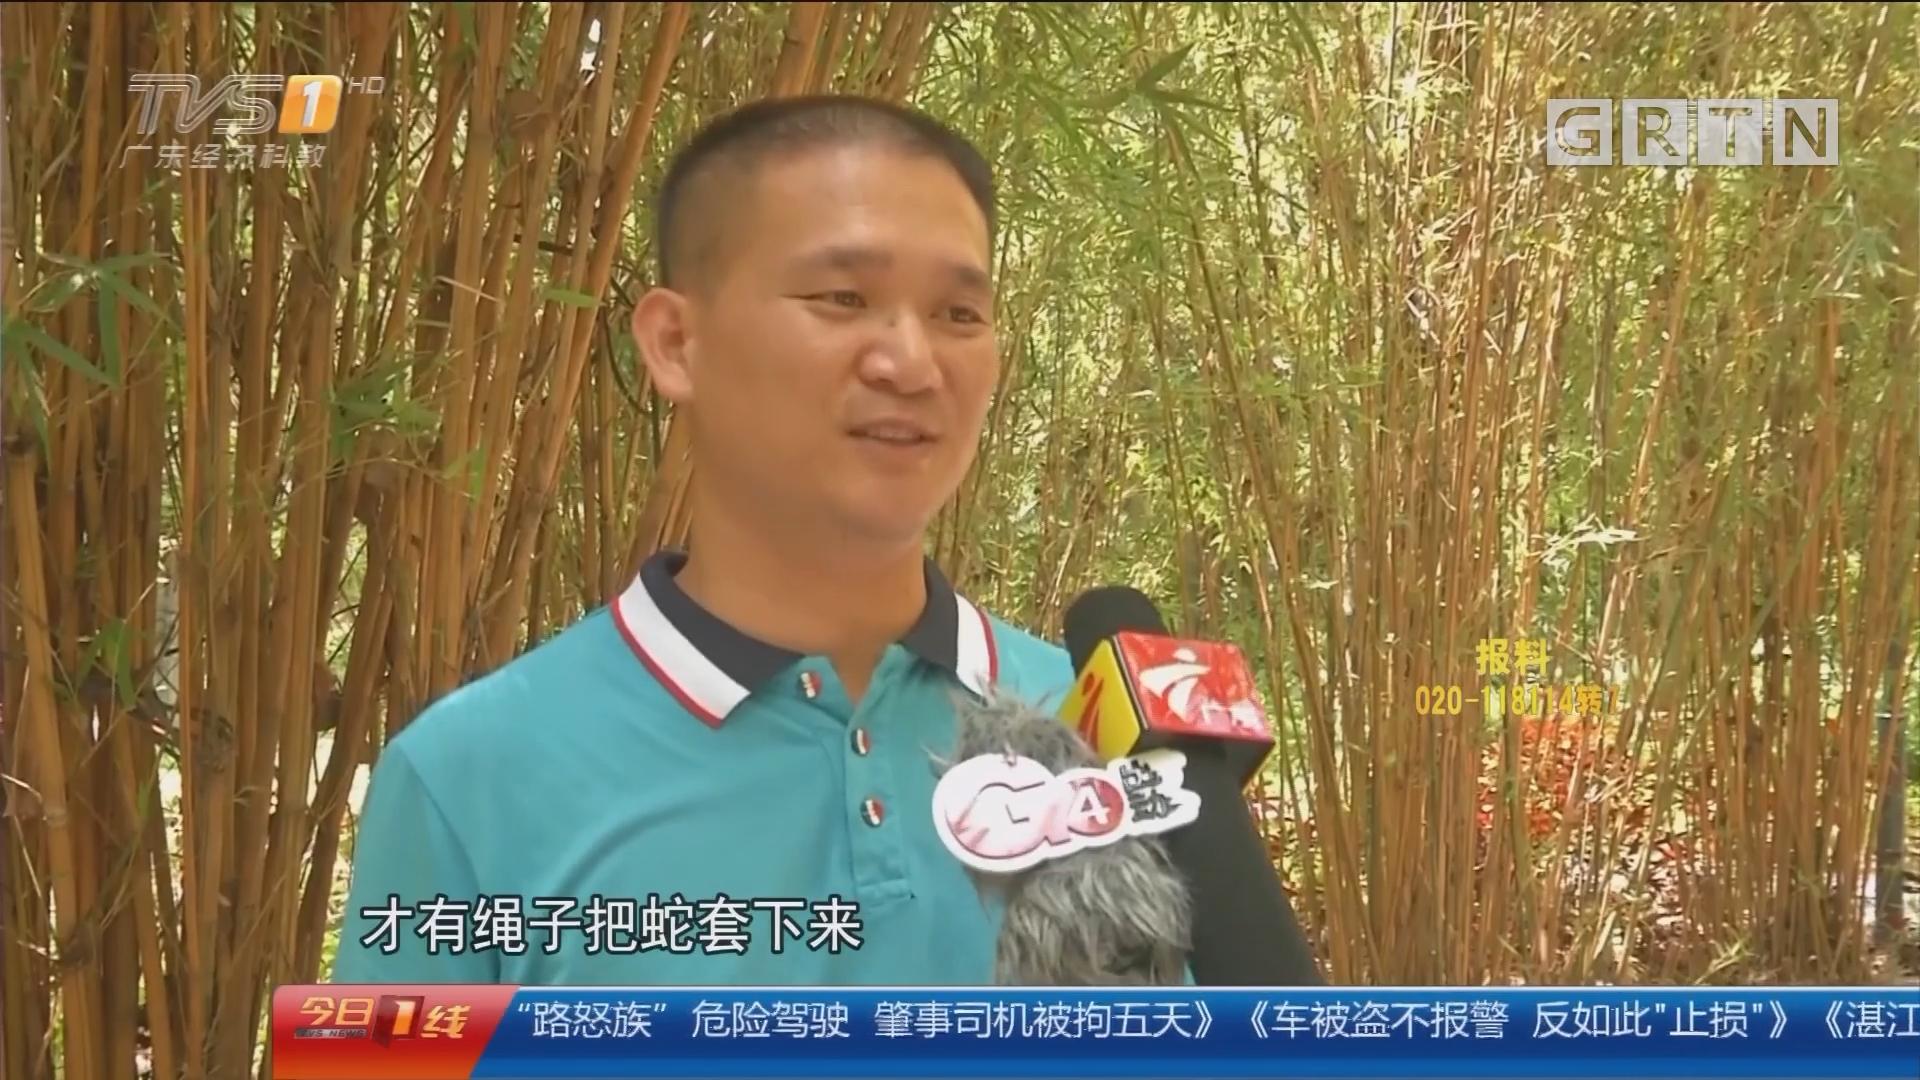 深圳湾公园:大蛇出没吓人 保安擒拿